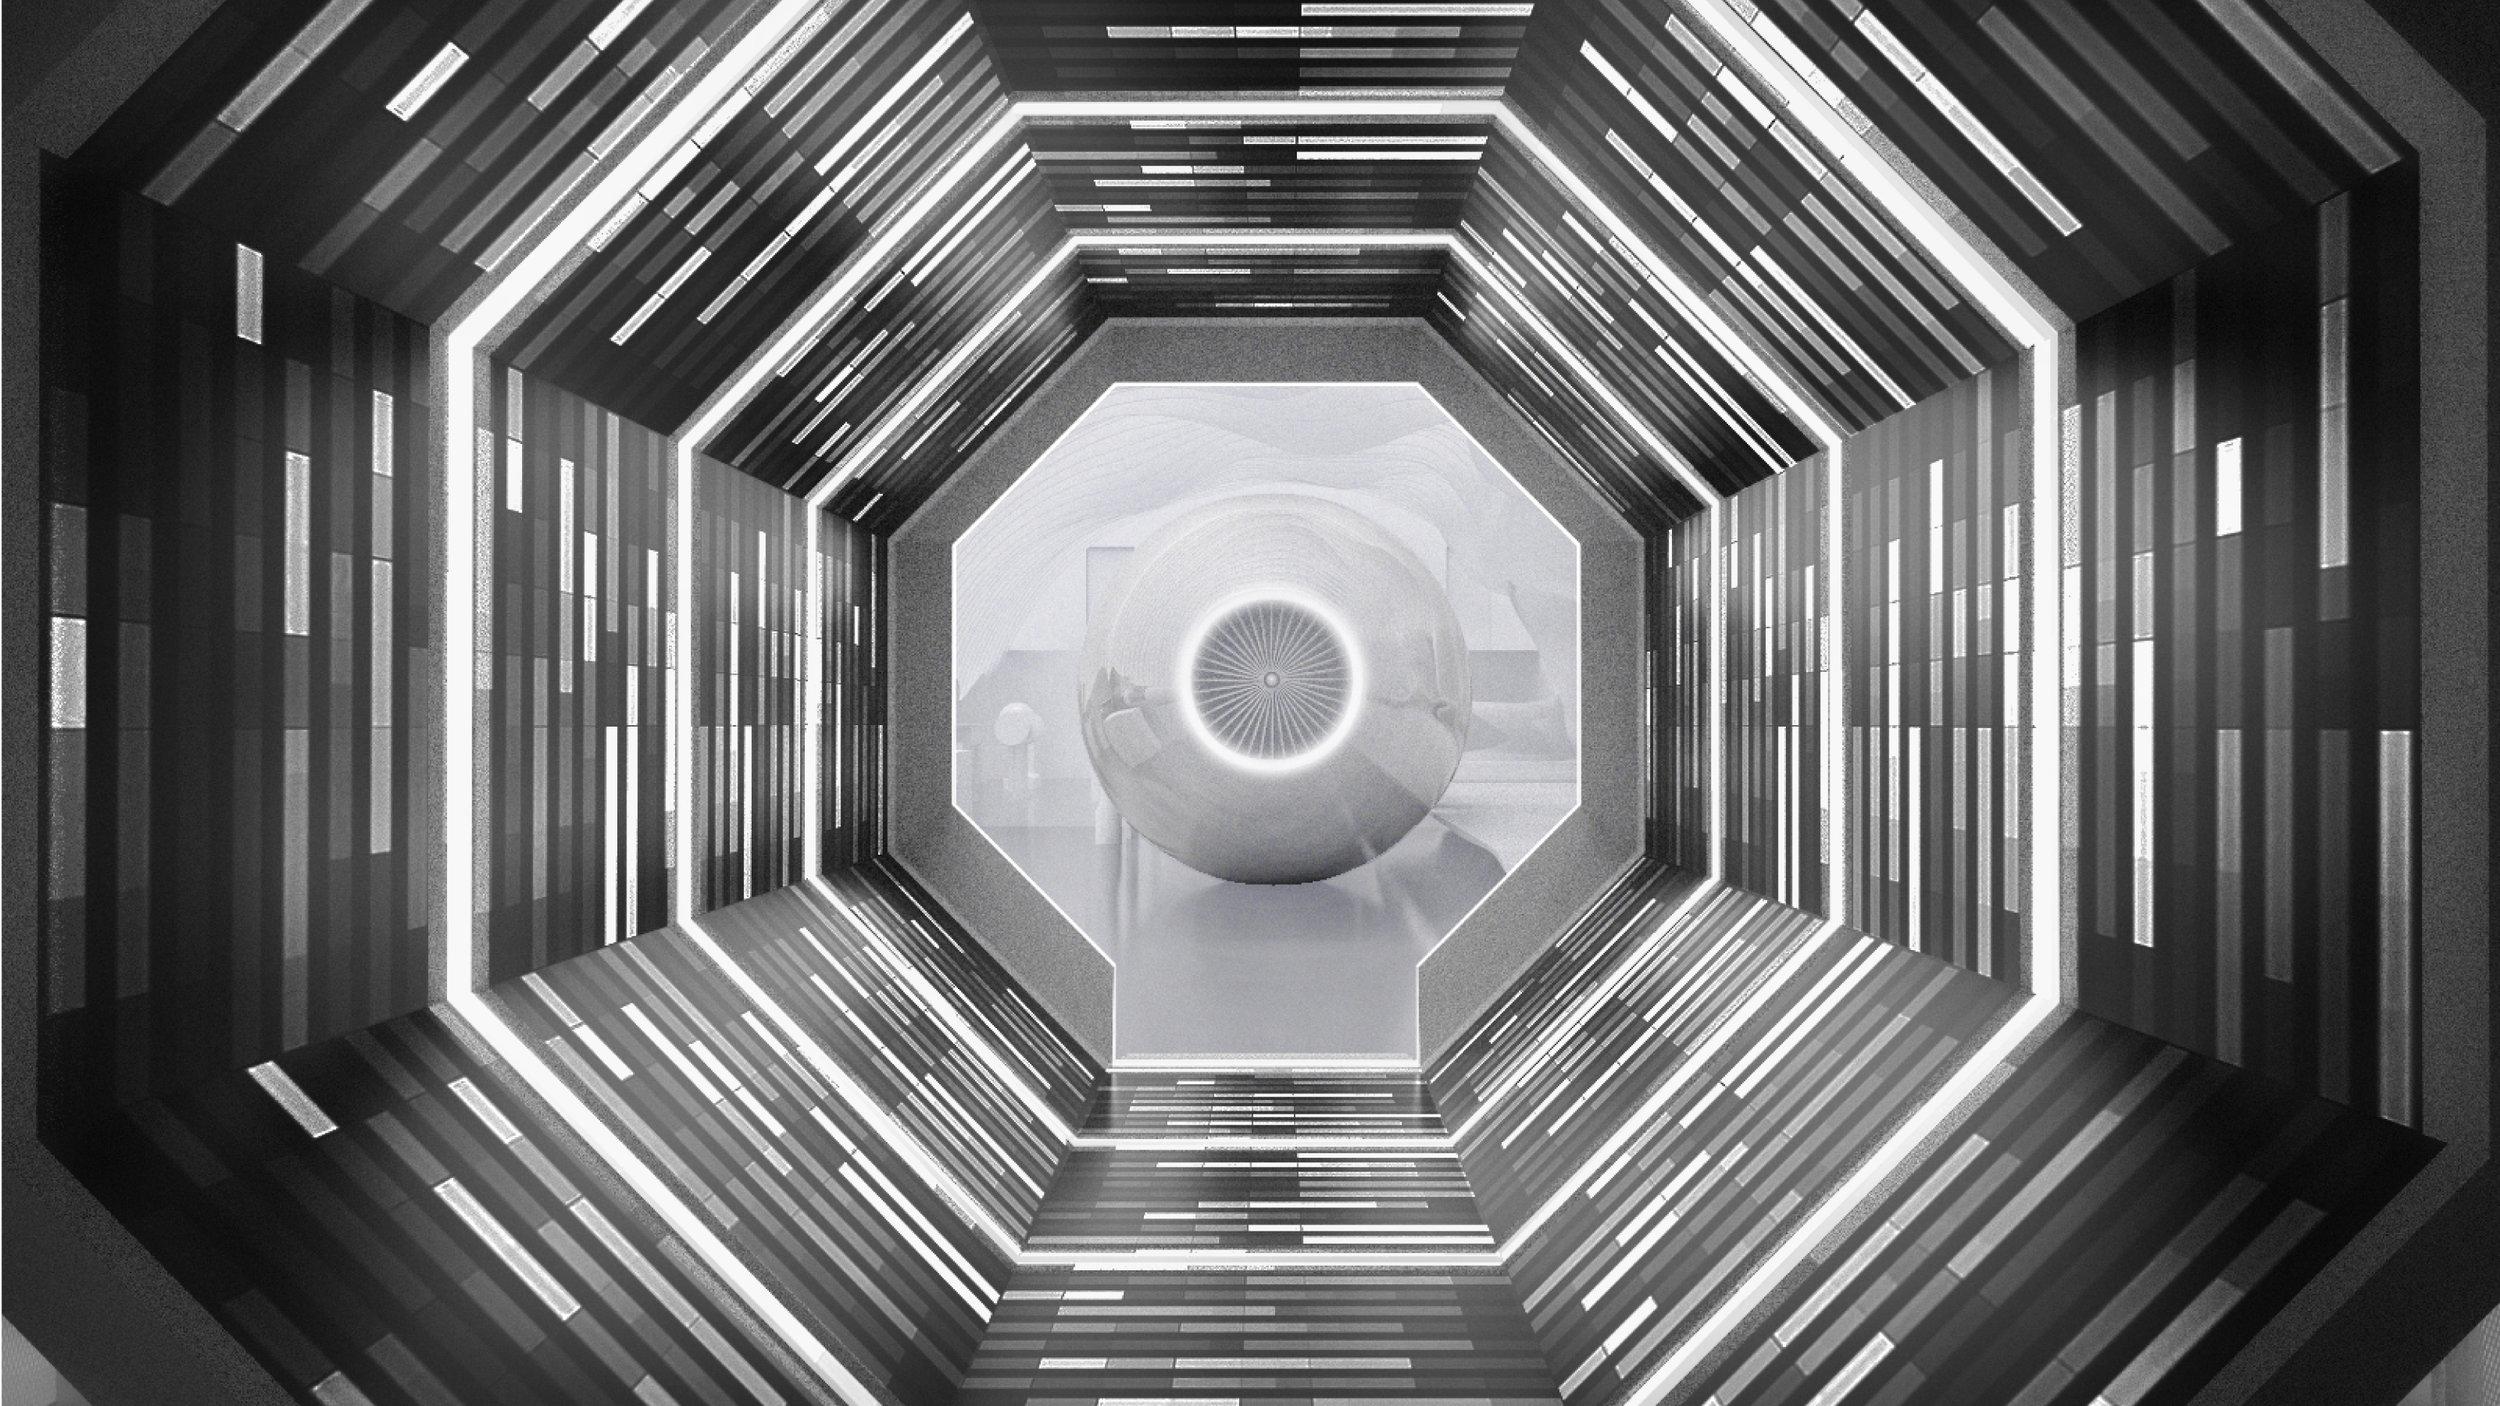 AN.ONYMOUS HYPERLOOP SHOWROOM